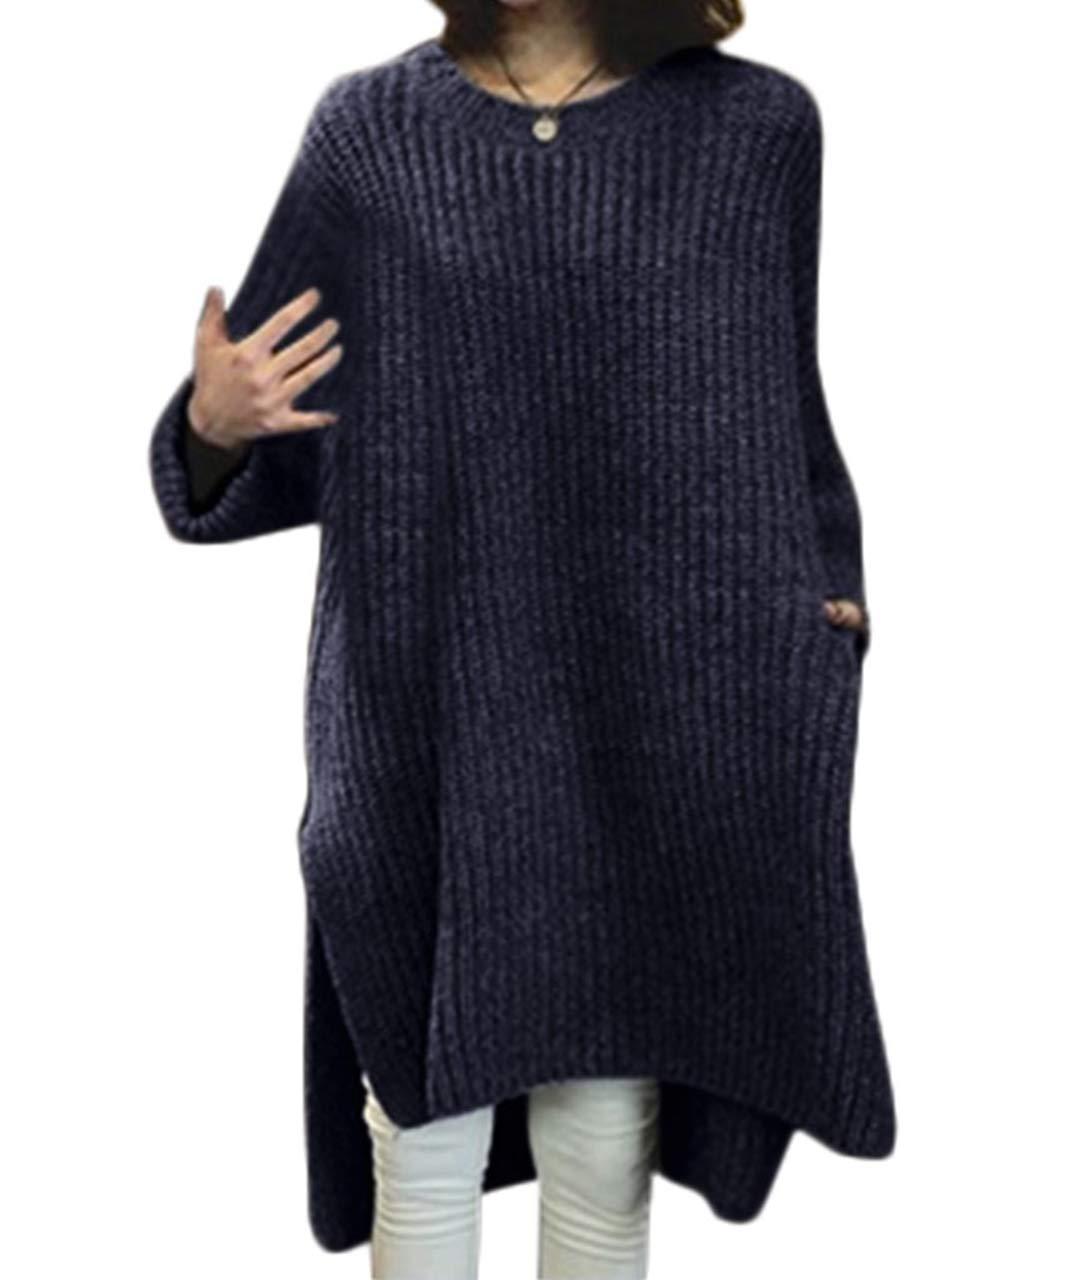 [アナトレ] レディース チュニック ニット サイドスリット 長袖 セーター